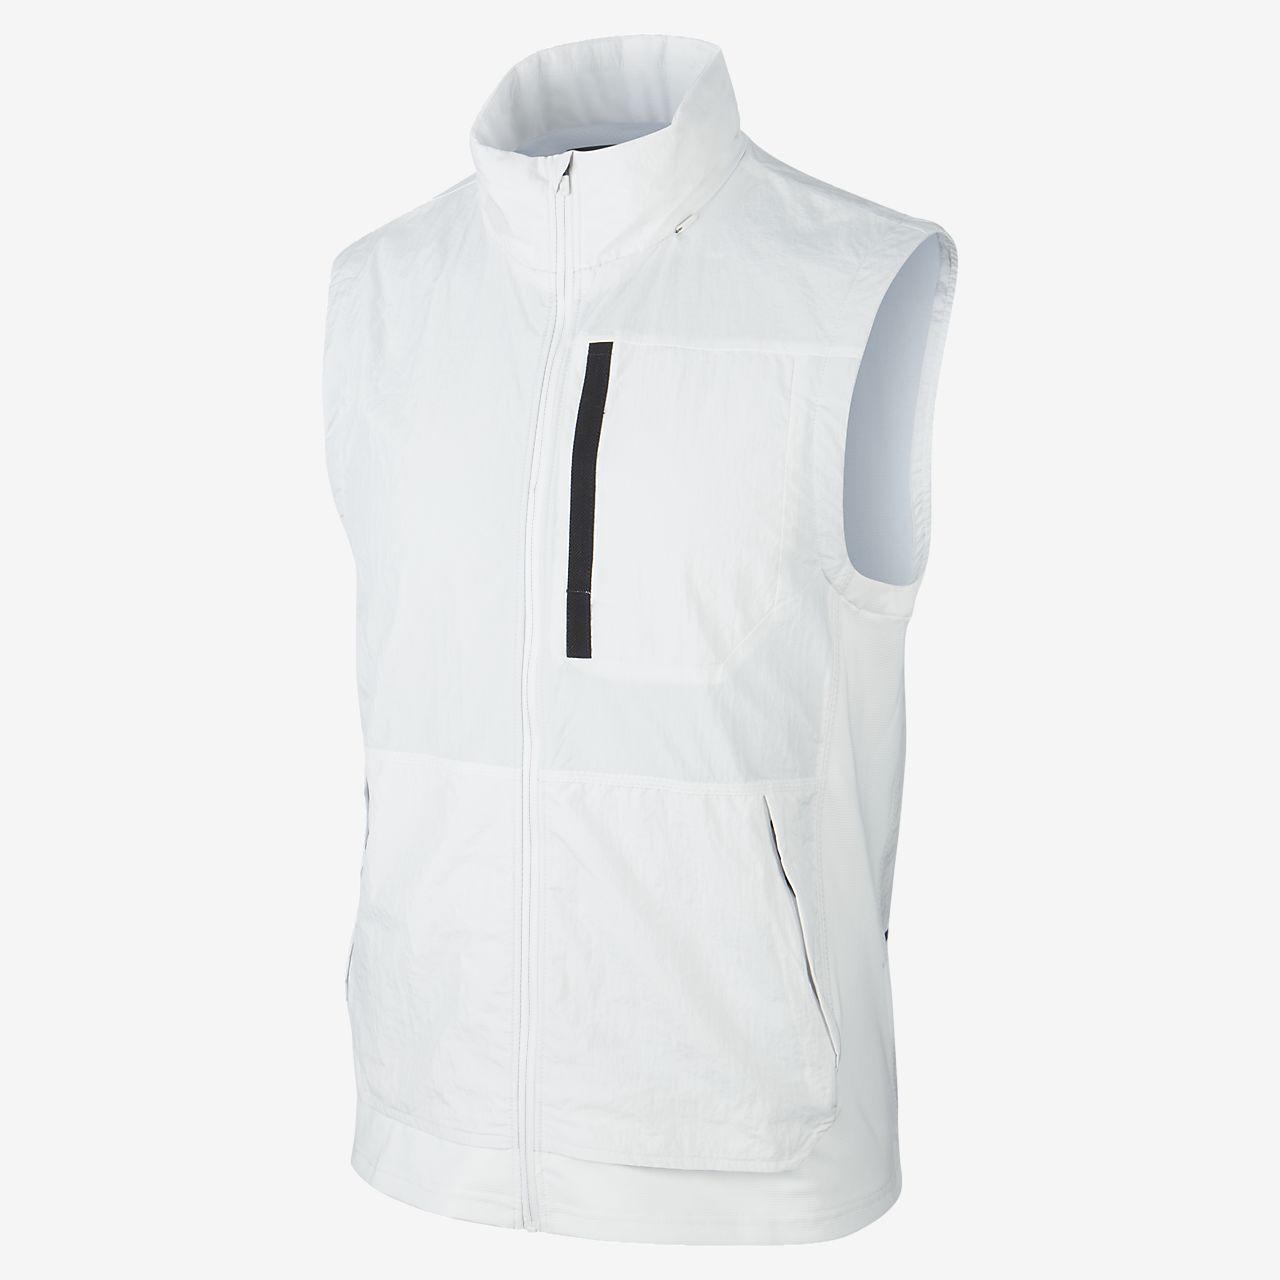 Nike Men's Hooded Training Gilet